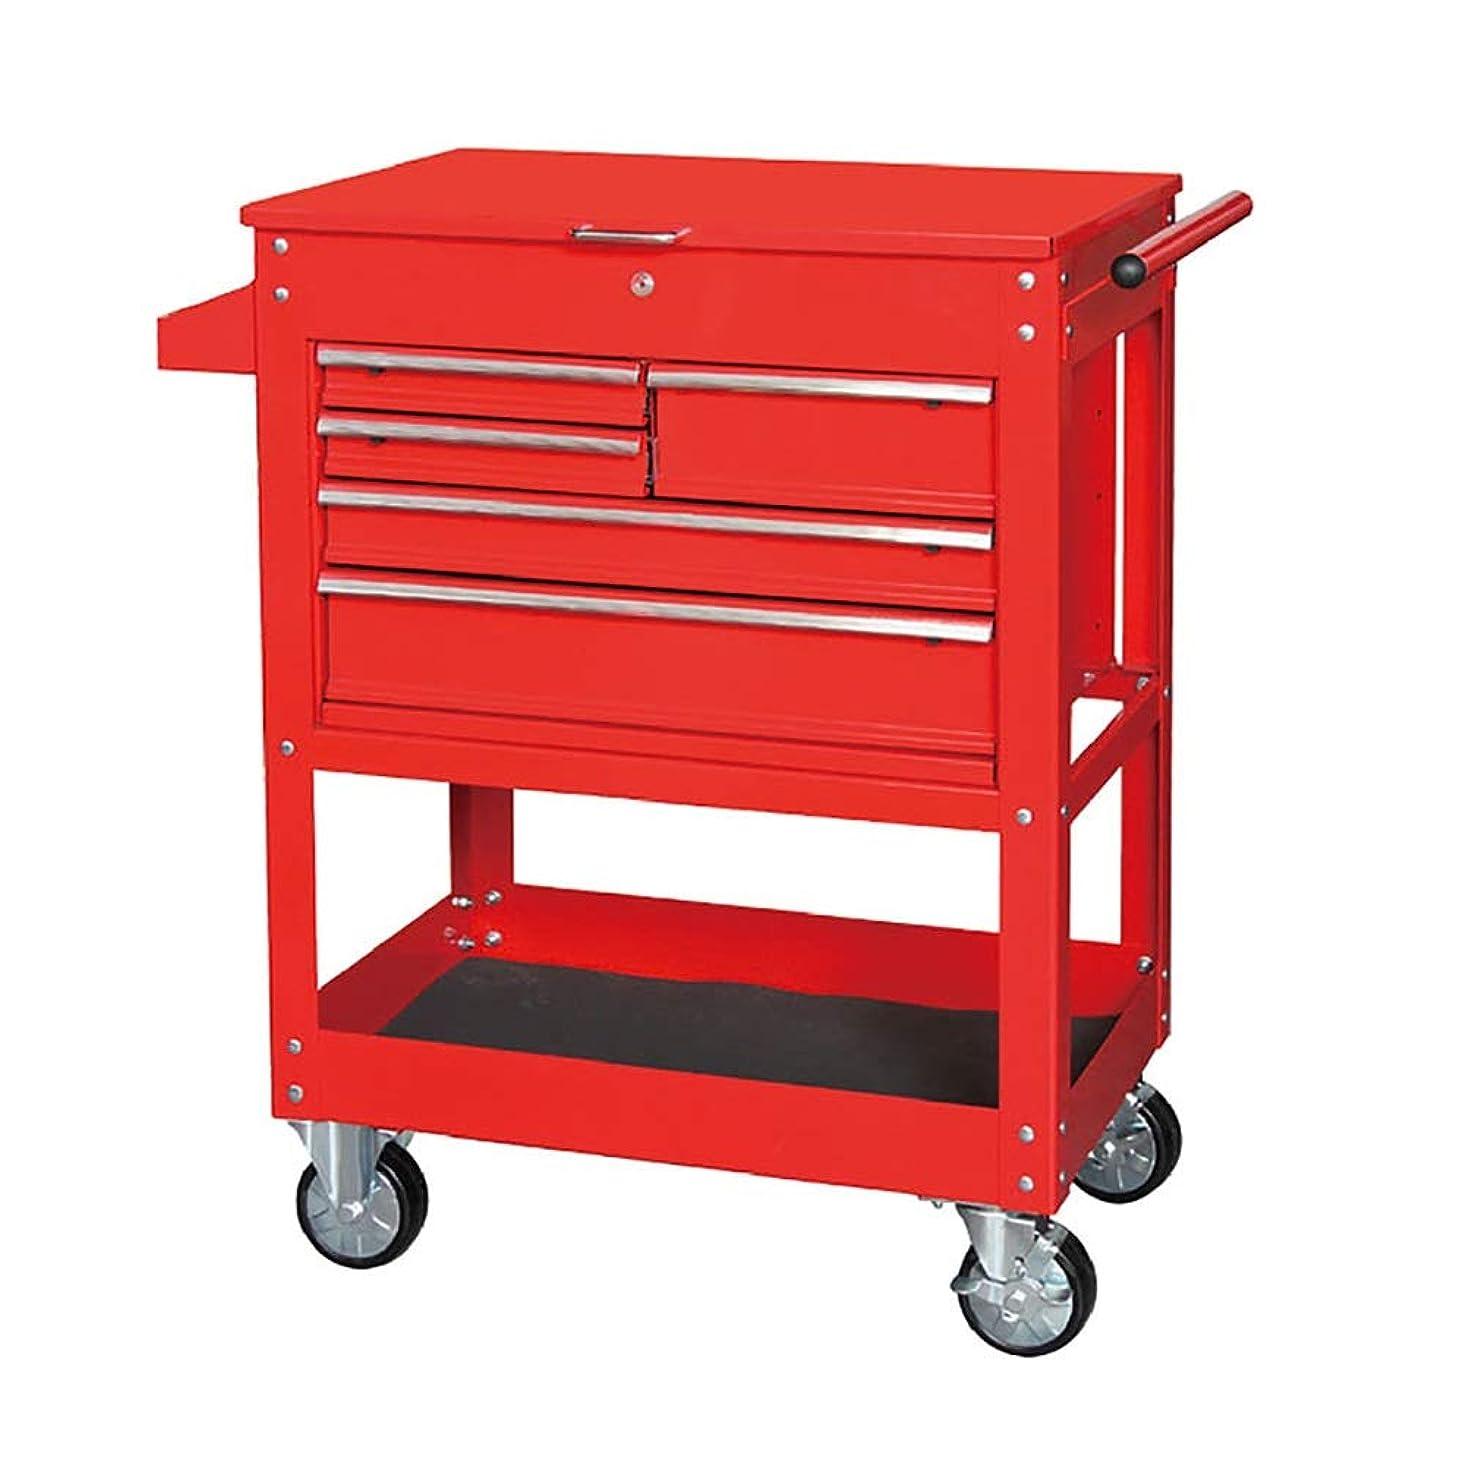 本当にアクセント誤解を招くツールカート 工具収納カート 可動式作業台 5引き出し1シェルフローラーツールキャビネット収納ボックスショップカートガレージウィーリングトロリーワット/ハンドル (Color : Red, Size : 76.3x48.8x105cm)